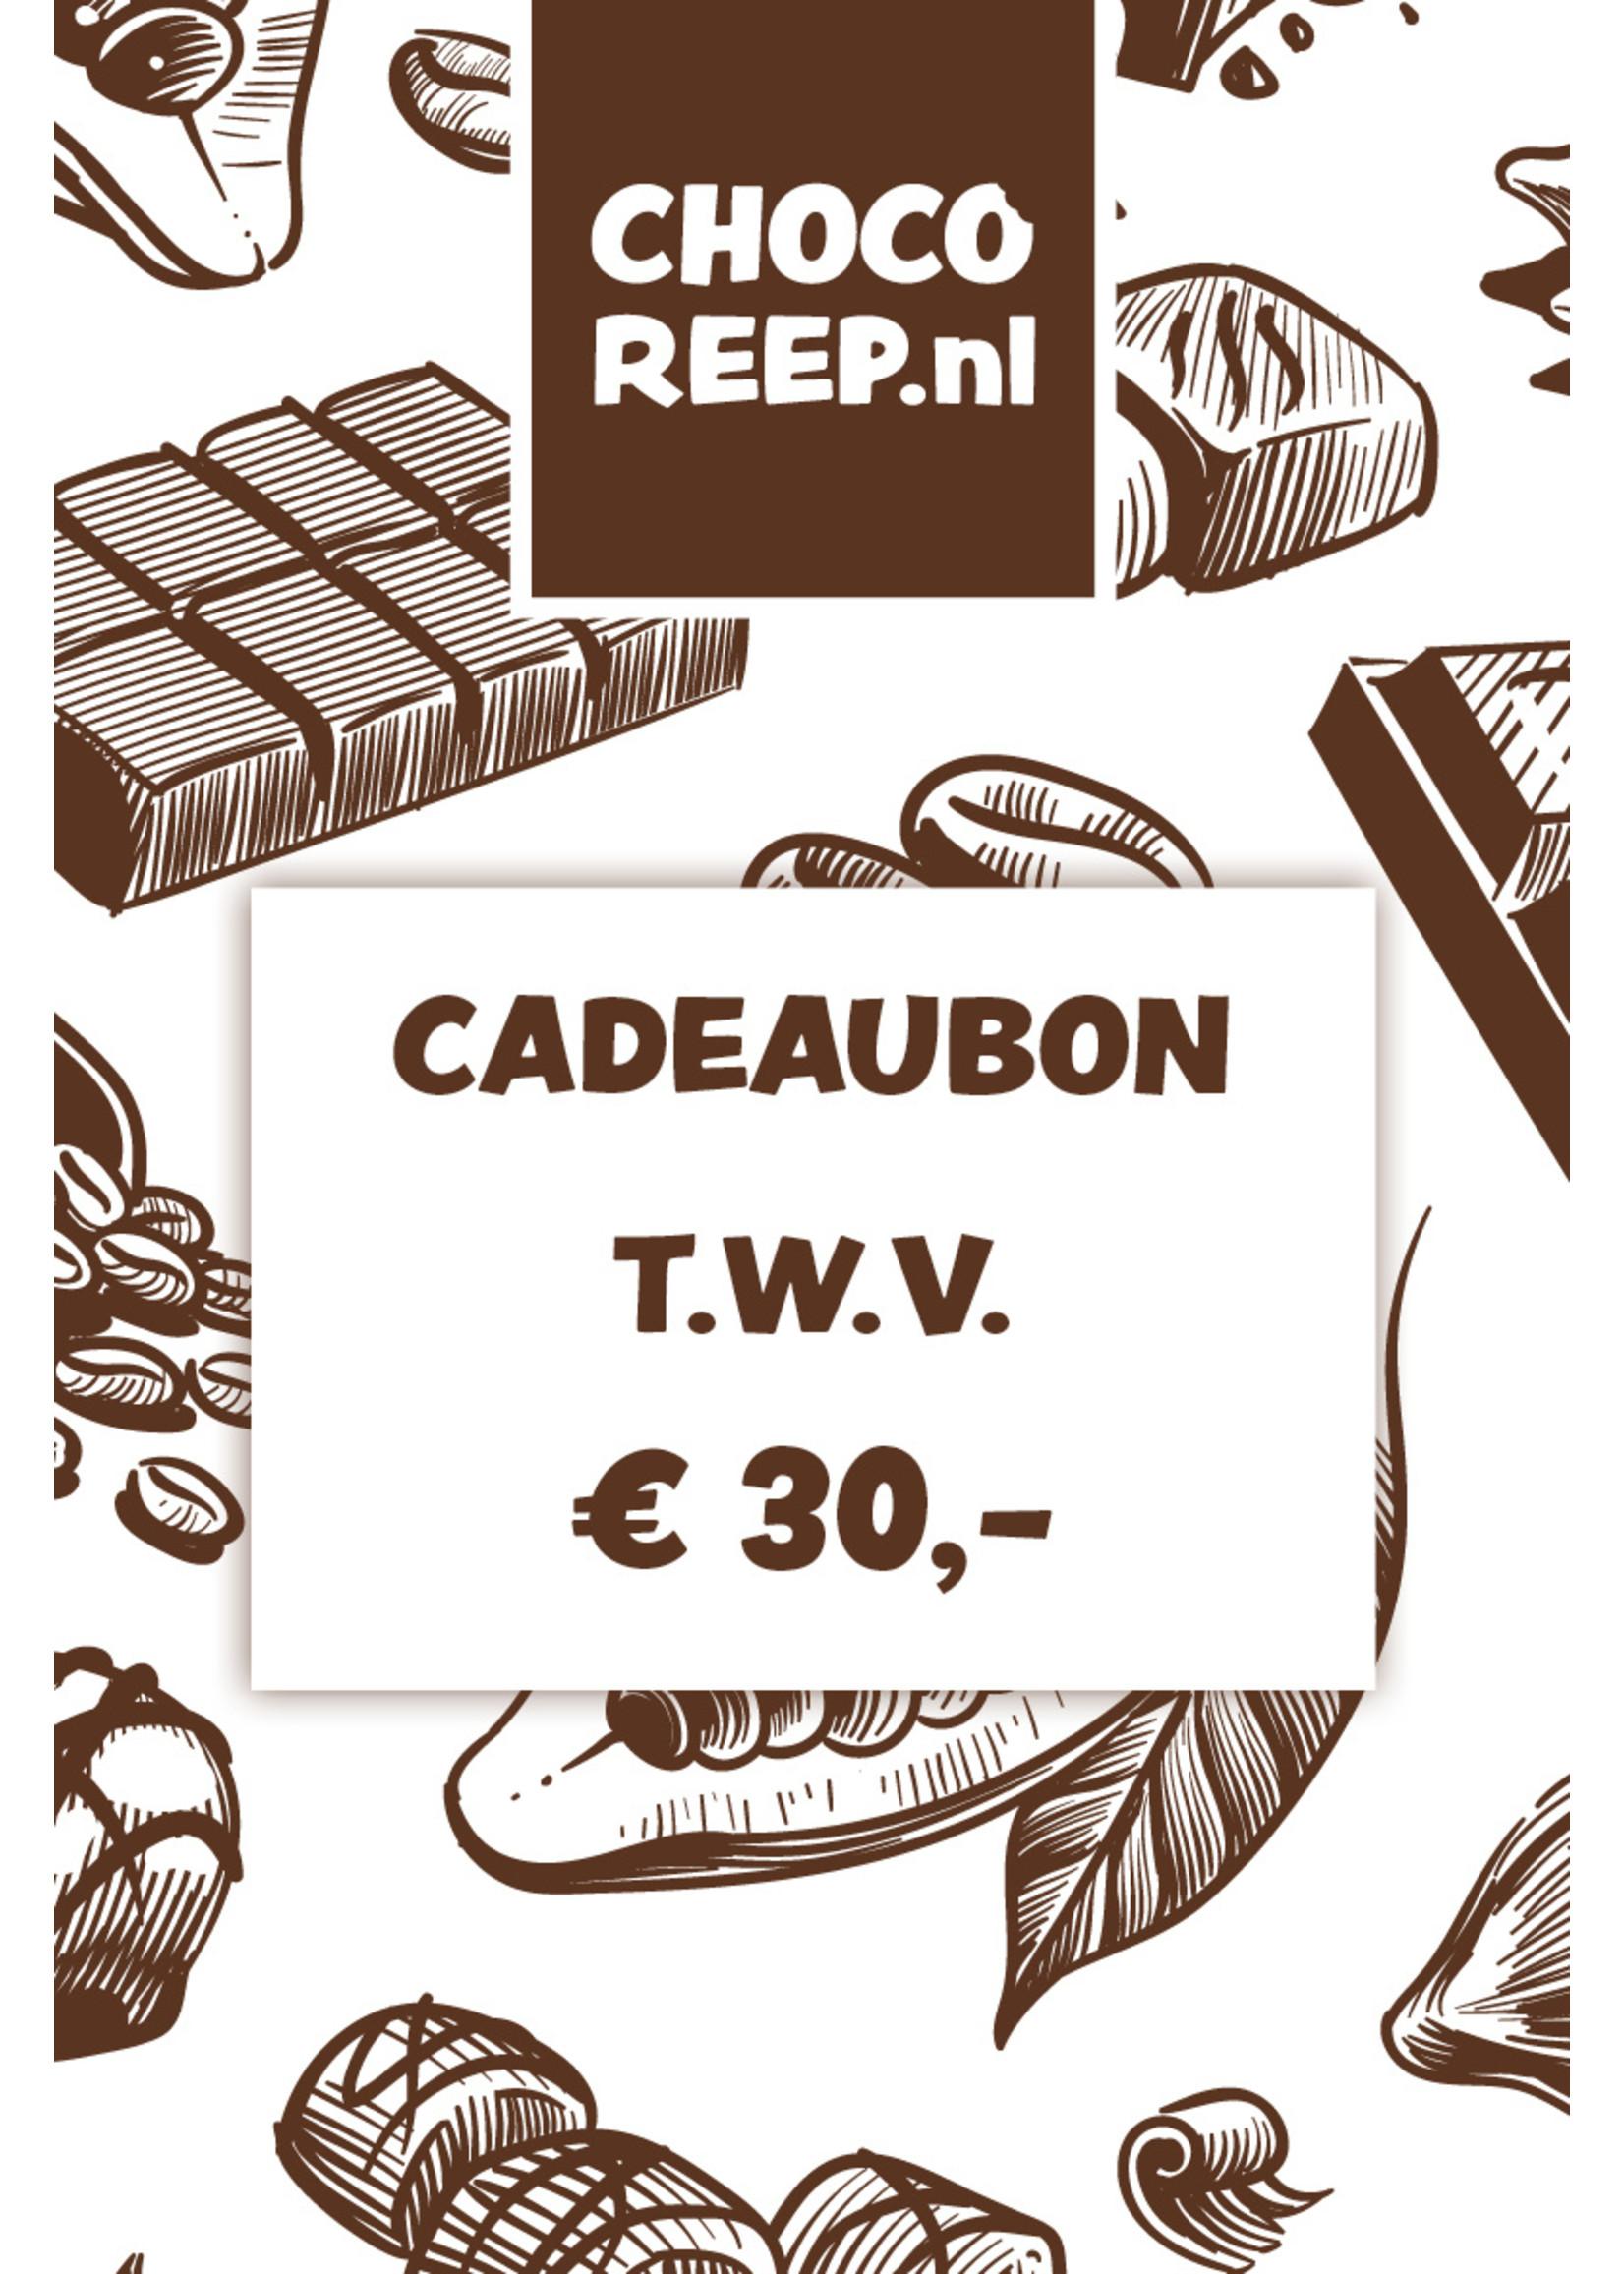 Cadeaubon t.w.v. € 30,-